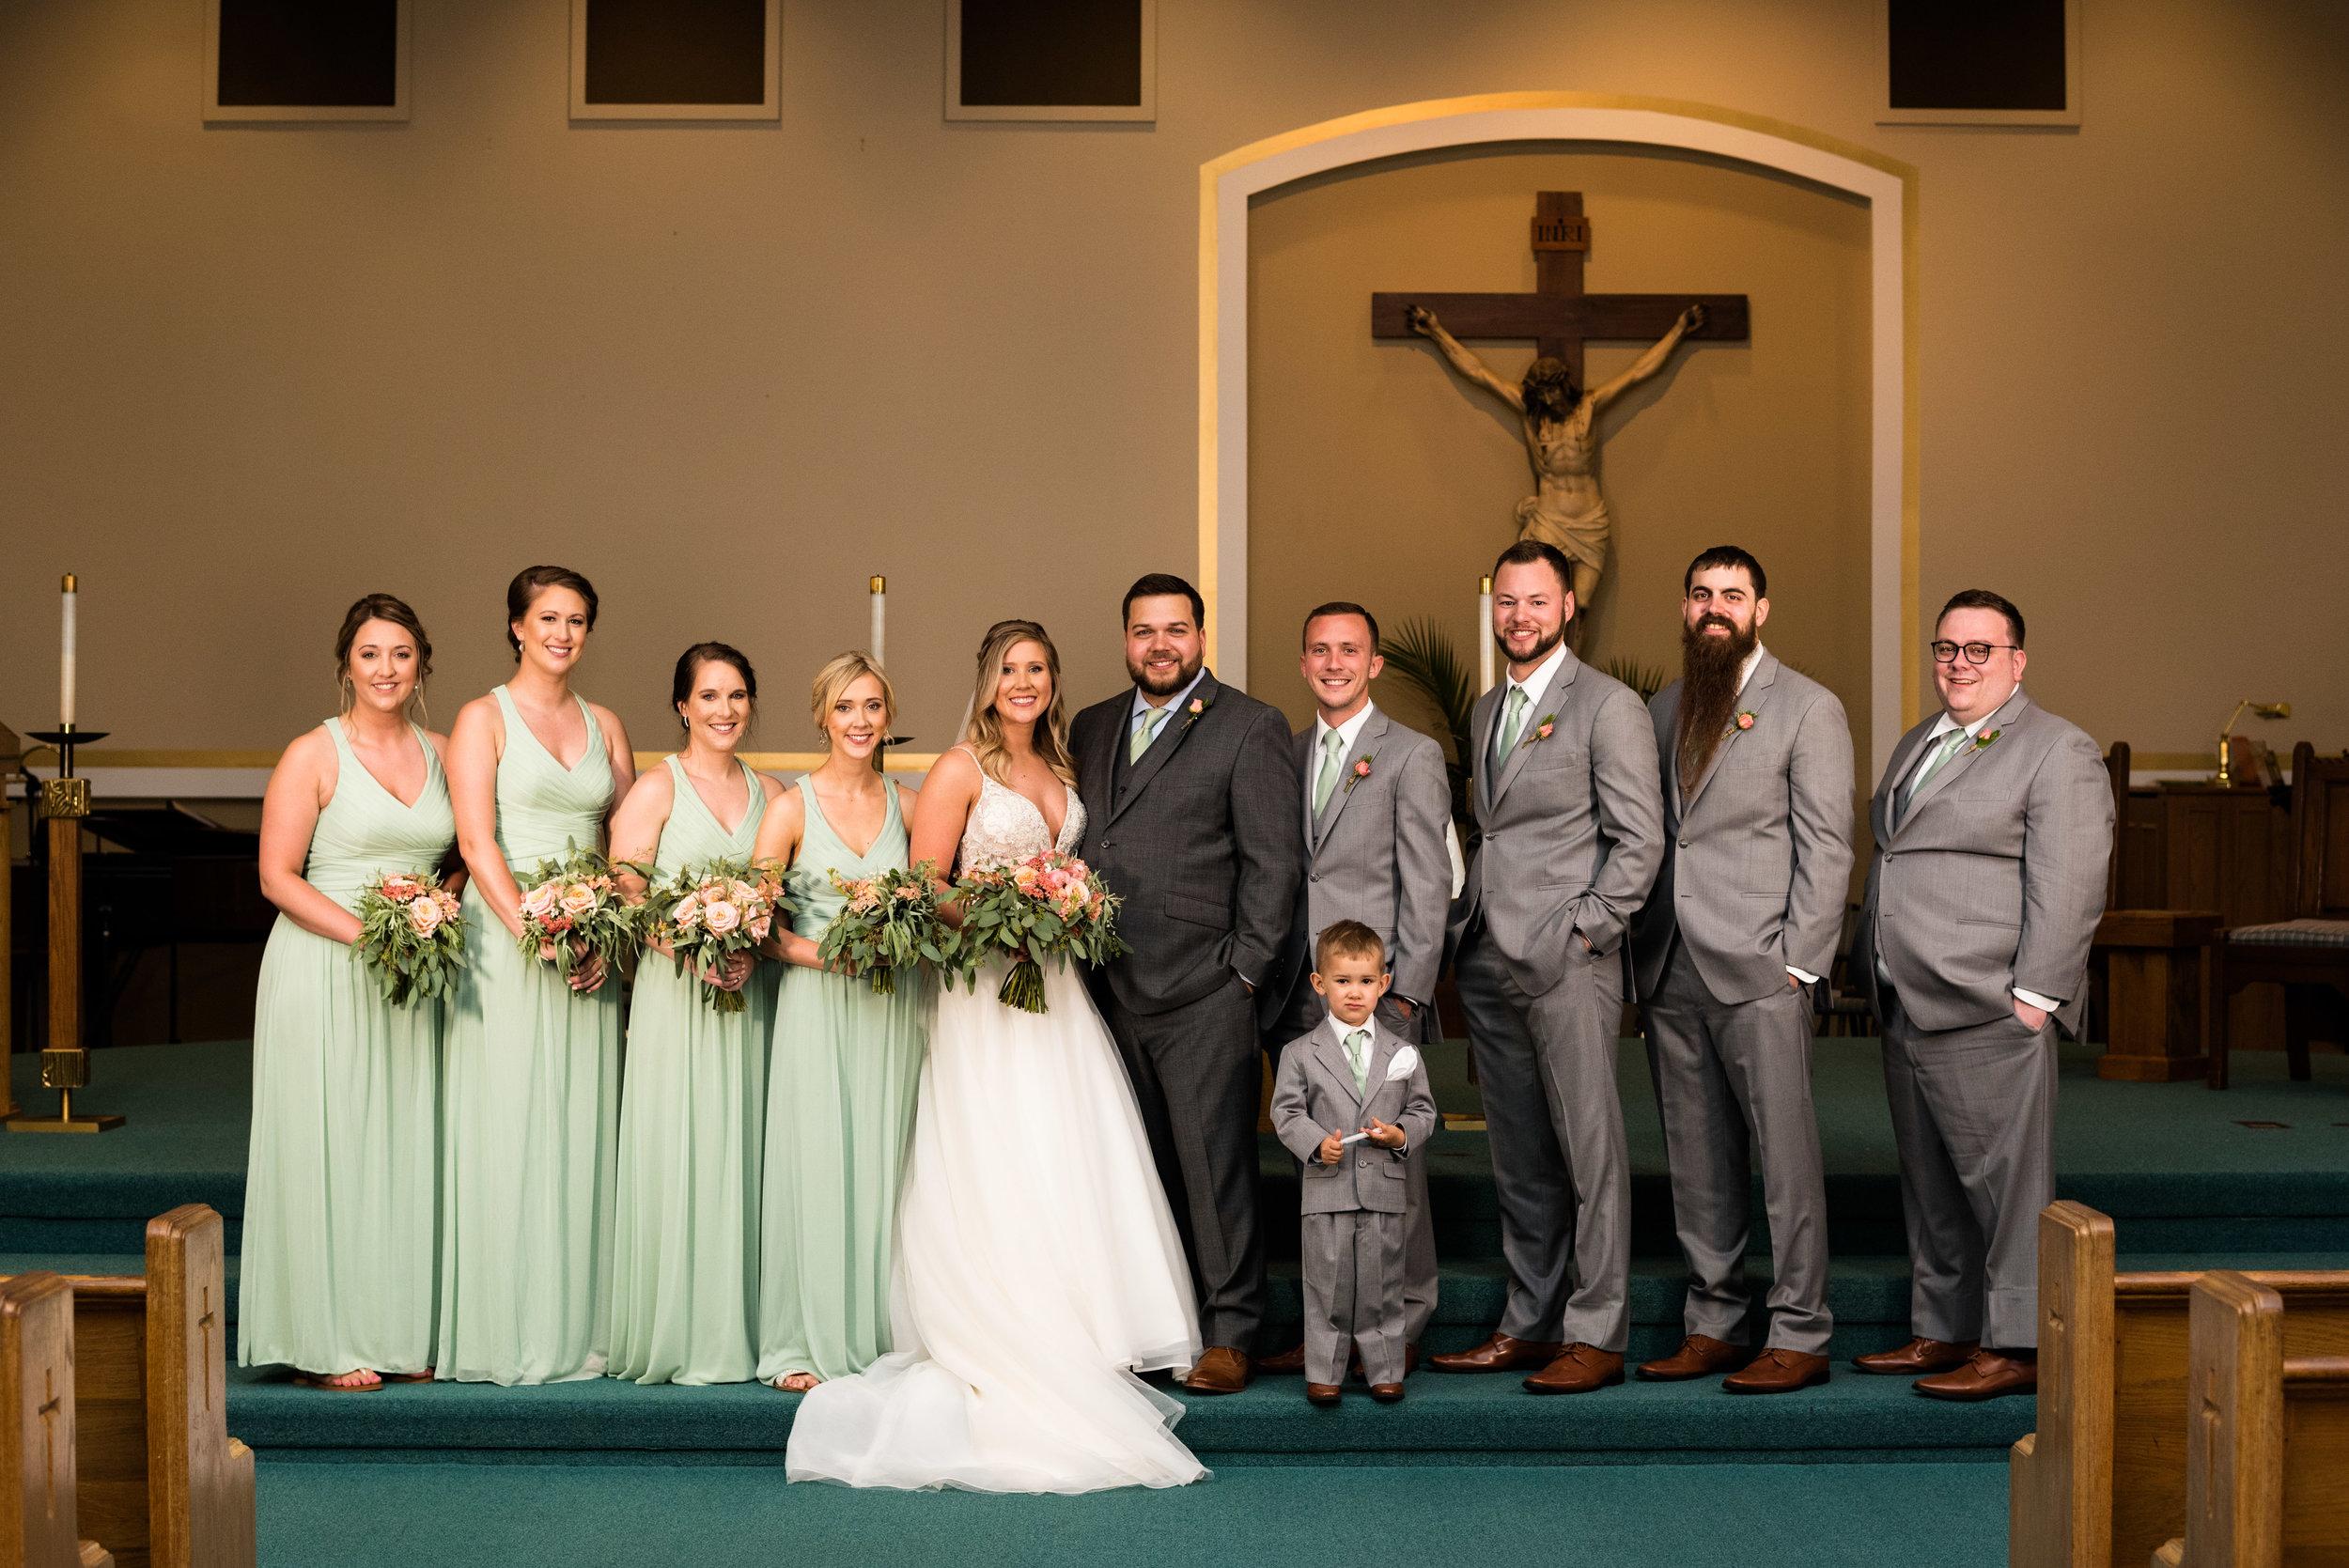 wedding photos in ohio